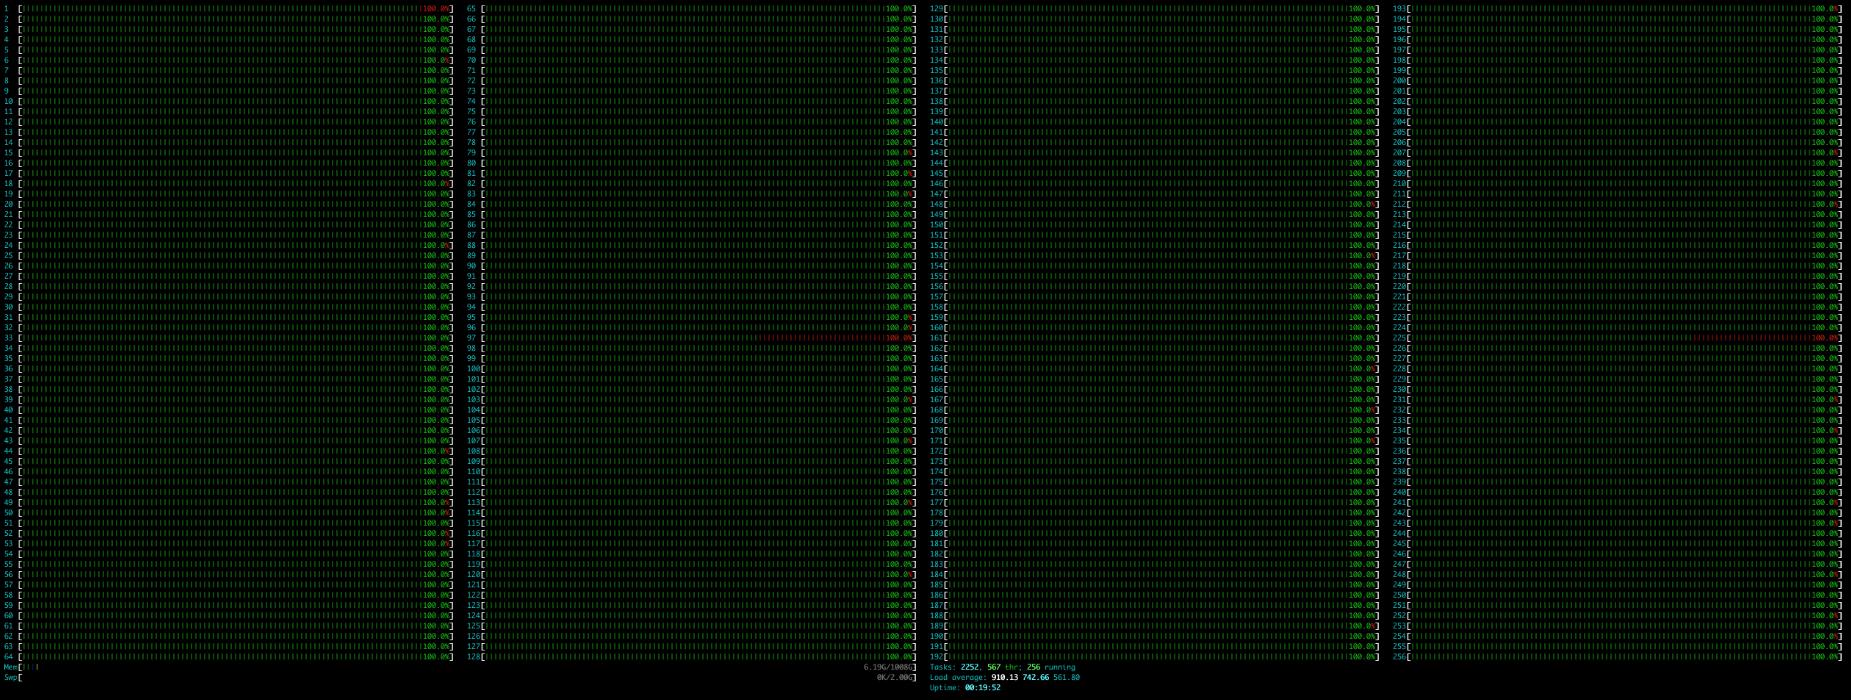 Самый мощный сервер Supermicro в Москве на основе AMD Epyc - 5